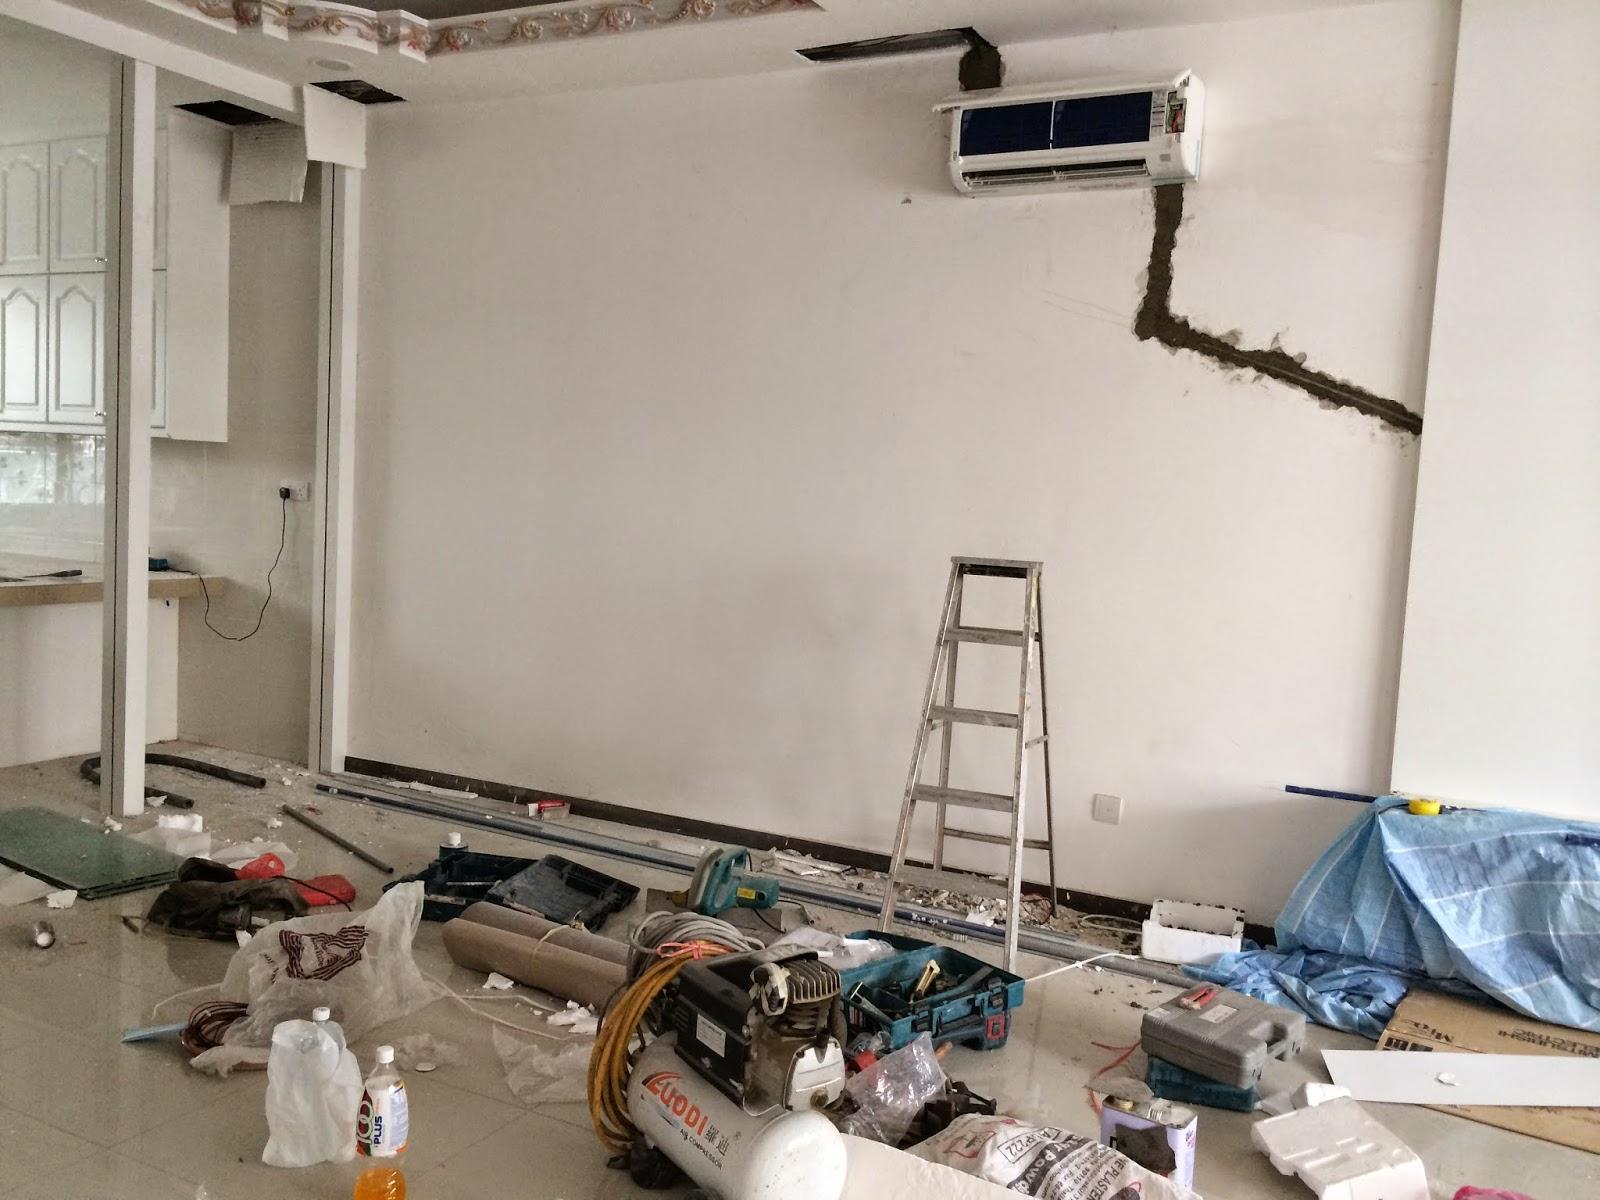 Hack Dinding Untuk Kemaskan Pemasangan Aircond It S About Life Rumah Manis Ii